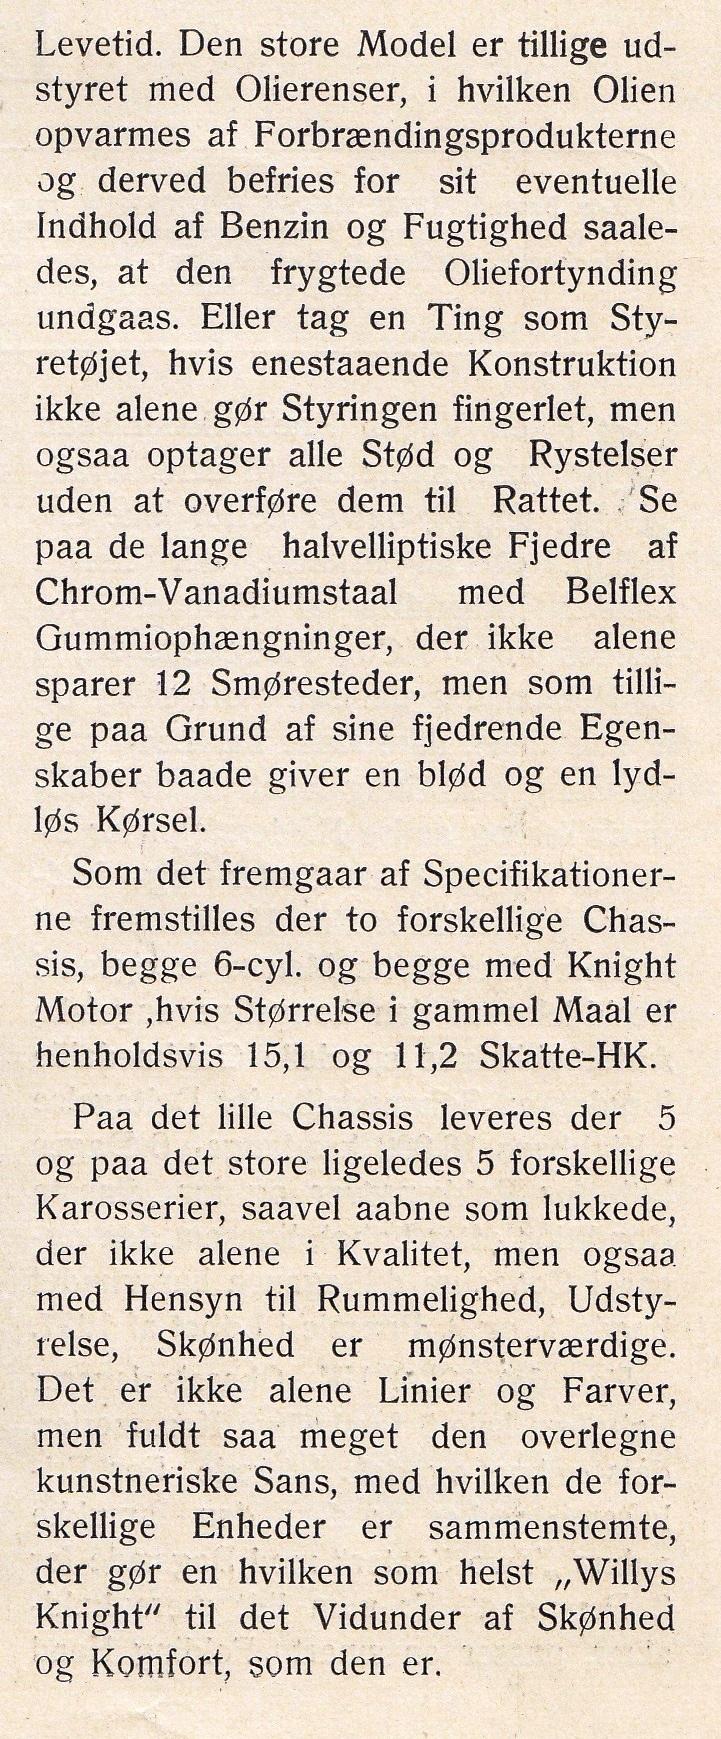 knight udstilling i FORUM i 1928 - Kopi